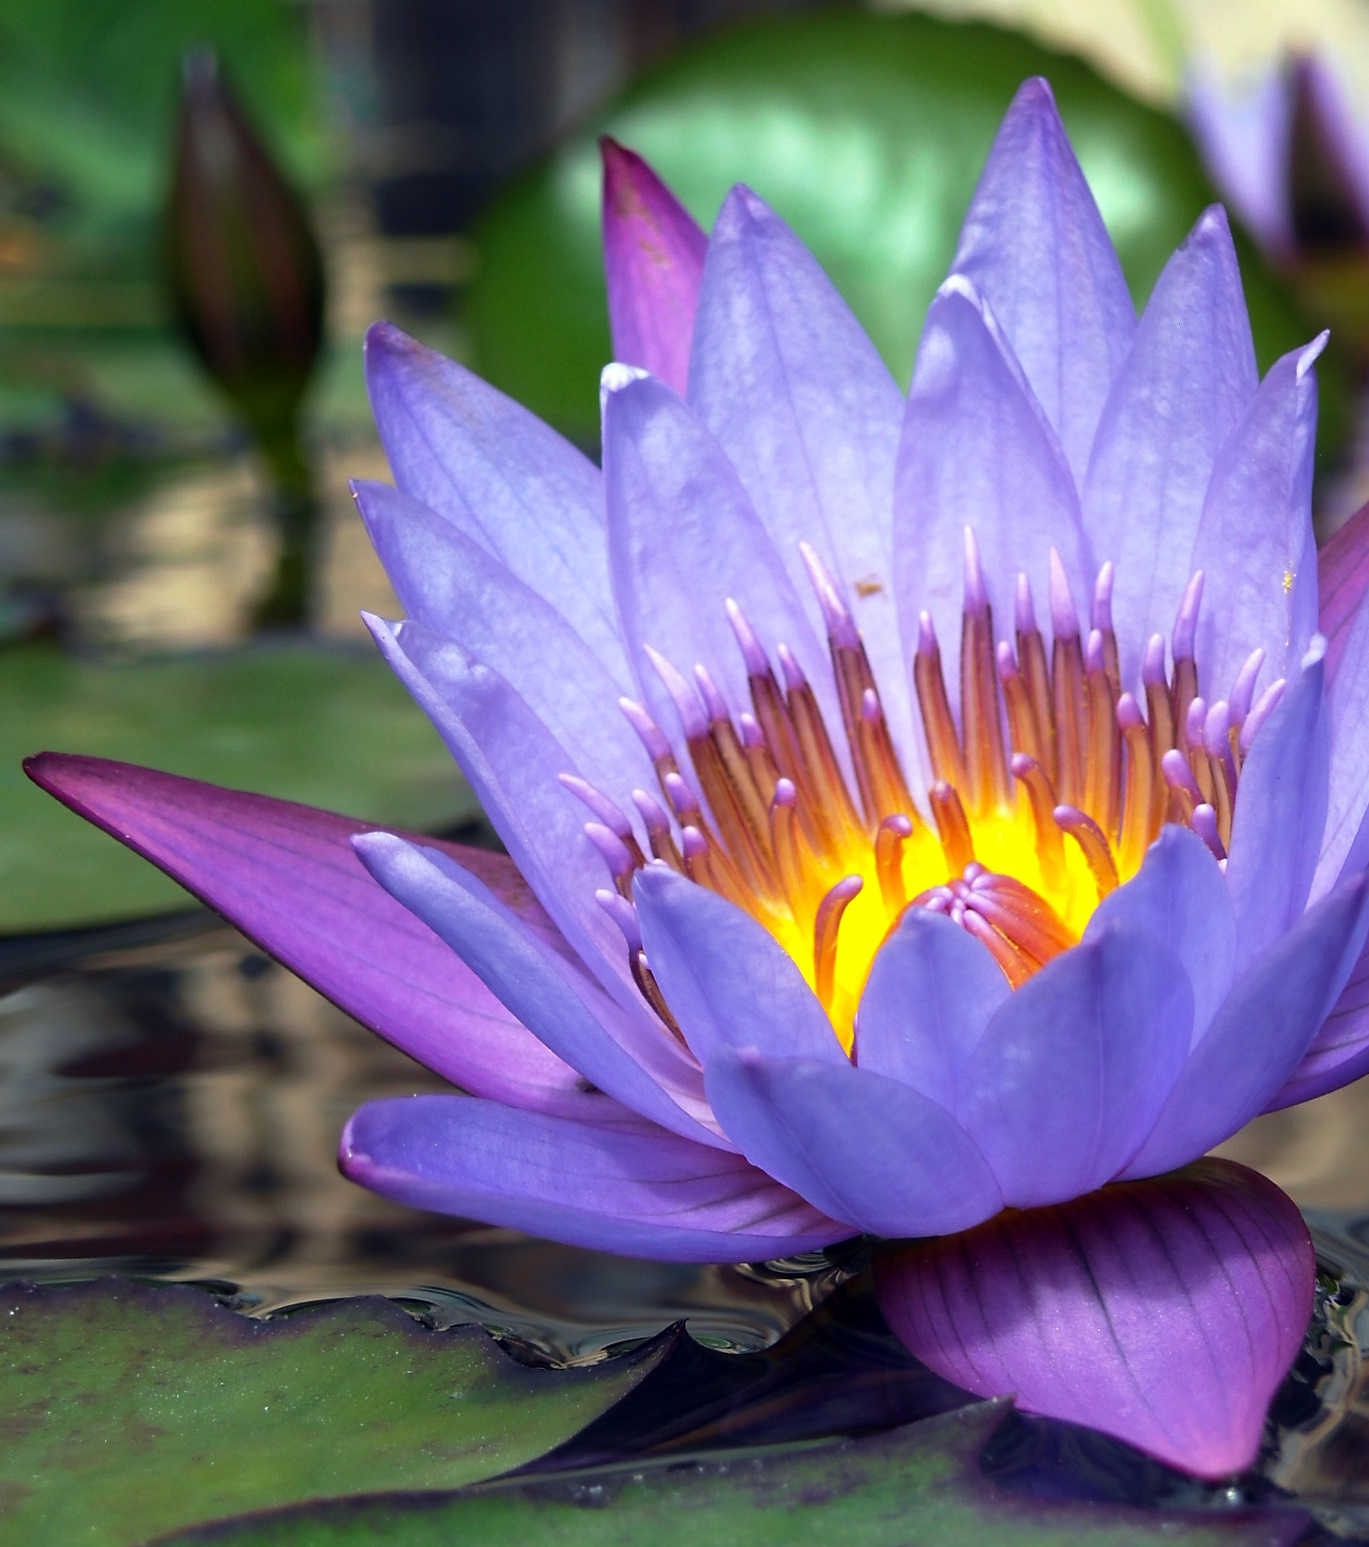 Lotus flower wikipedia free encyclopedia wallpaperscraft filenymphaea cultivar flowering sanya city in hainan nymphaeaceae wikipedia mightylinksfo